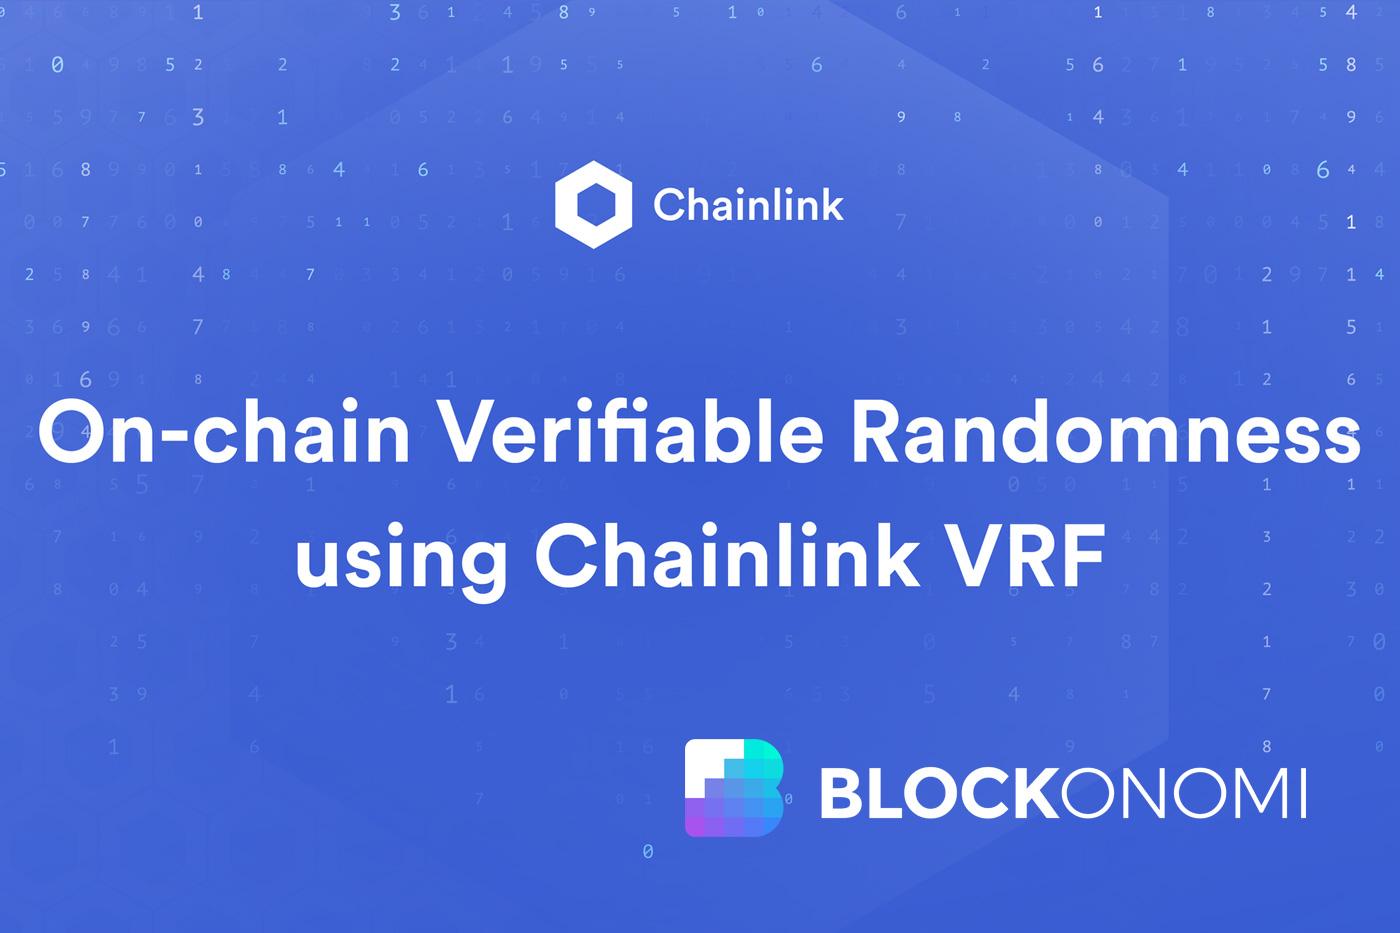 Chainlink VRF Tool untuk Kontrak Cerdas untuk Mencapai Keacakan Rantai